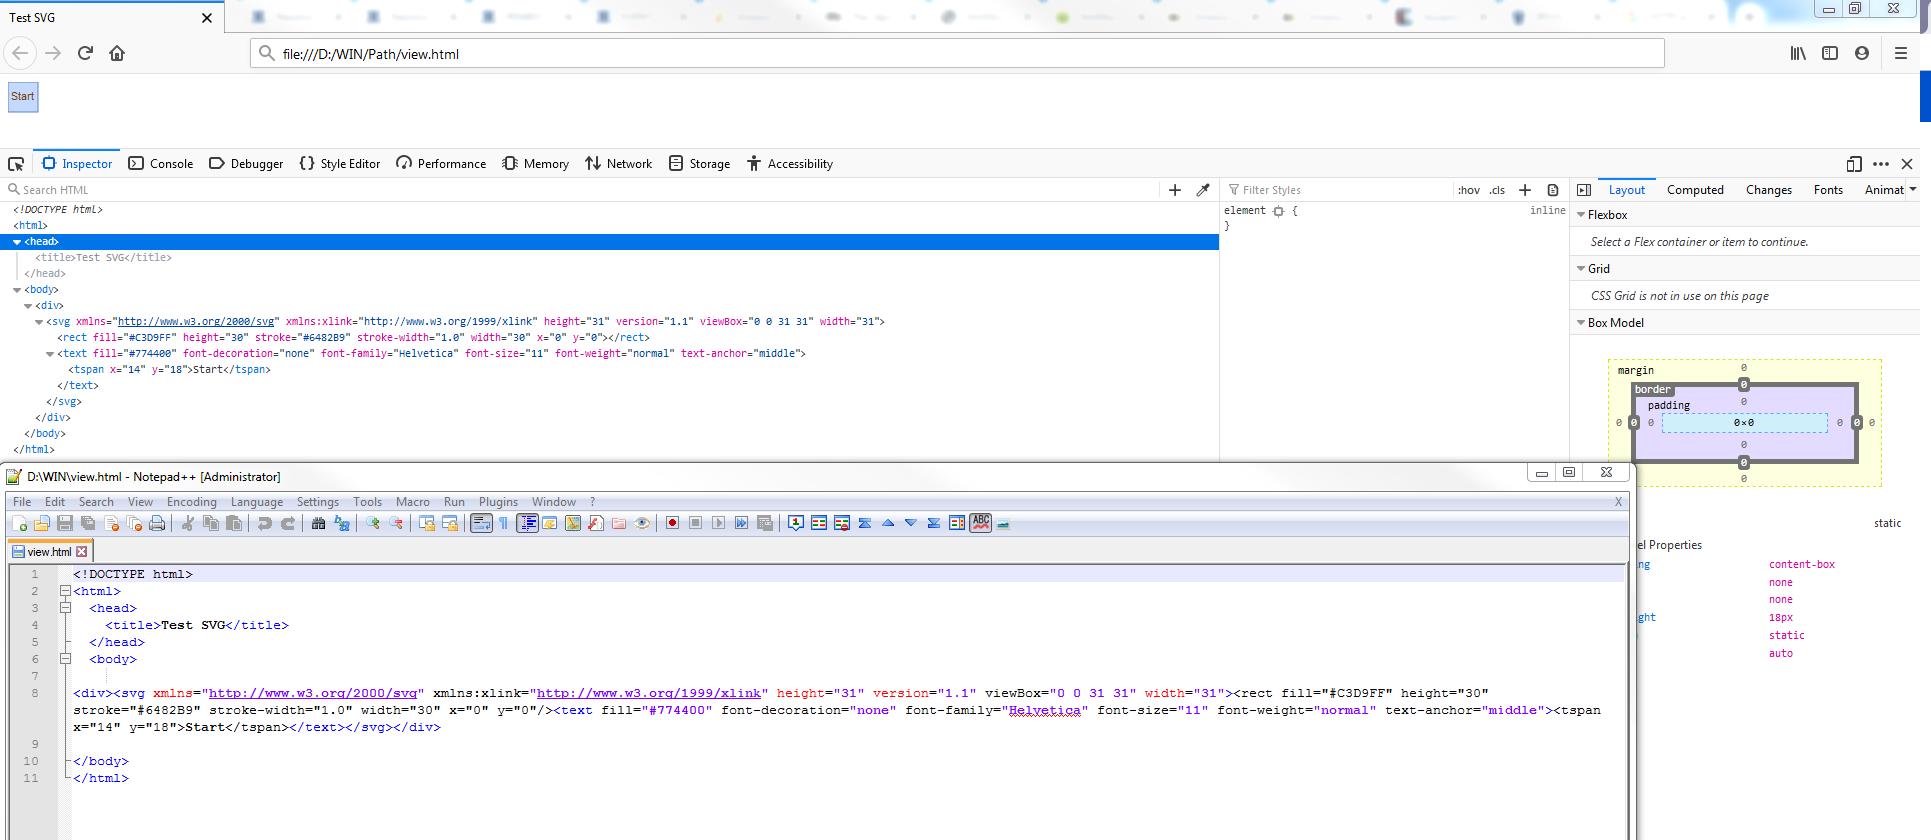 Confluence rest api wont render SVG as image inste